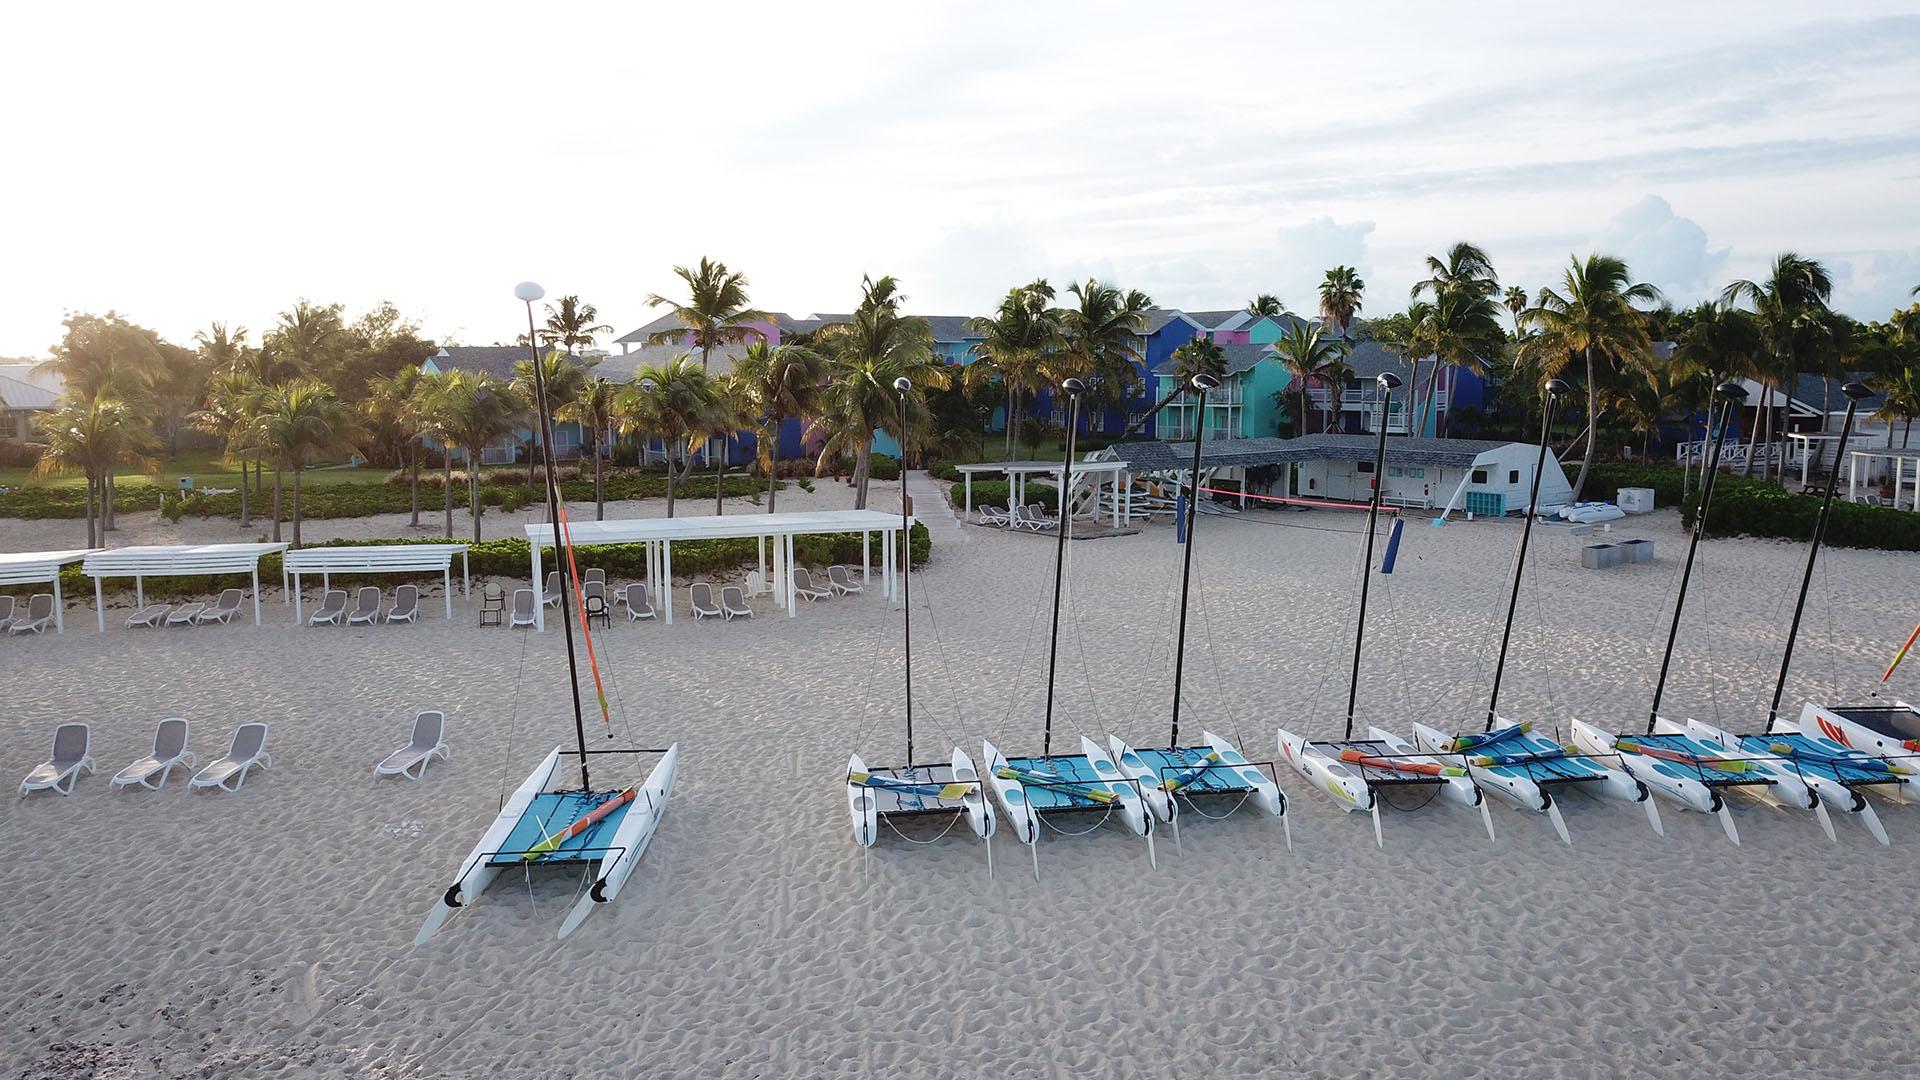 A lo largo de una playa de blanca arena que se extiende hasta el horizonte, los bungalows de colores se mezclan con los hibiscos